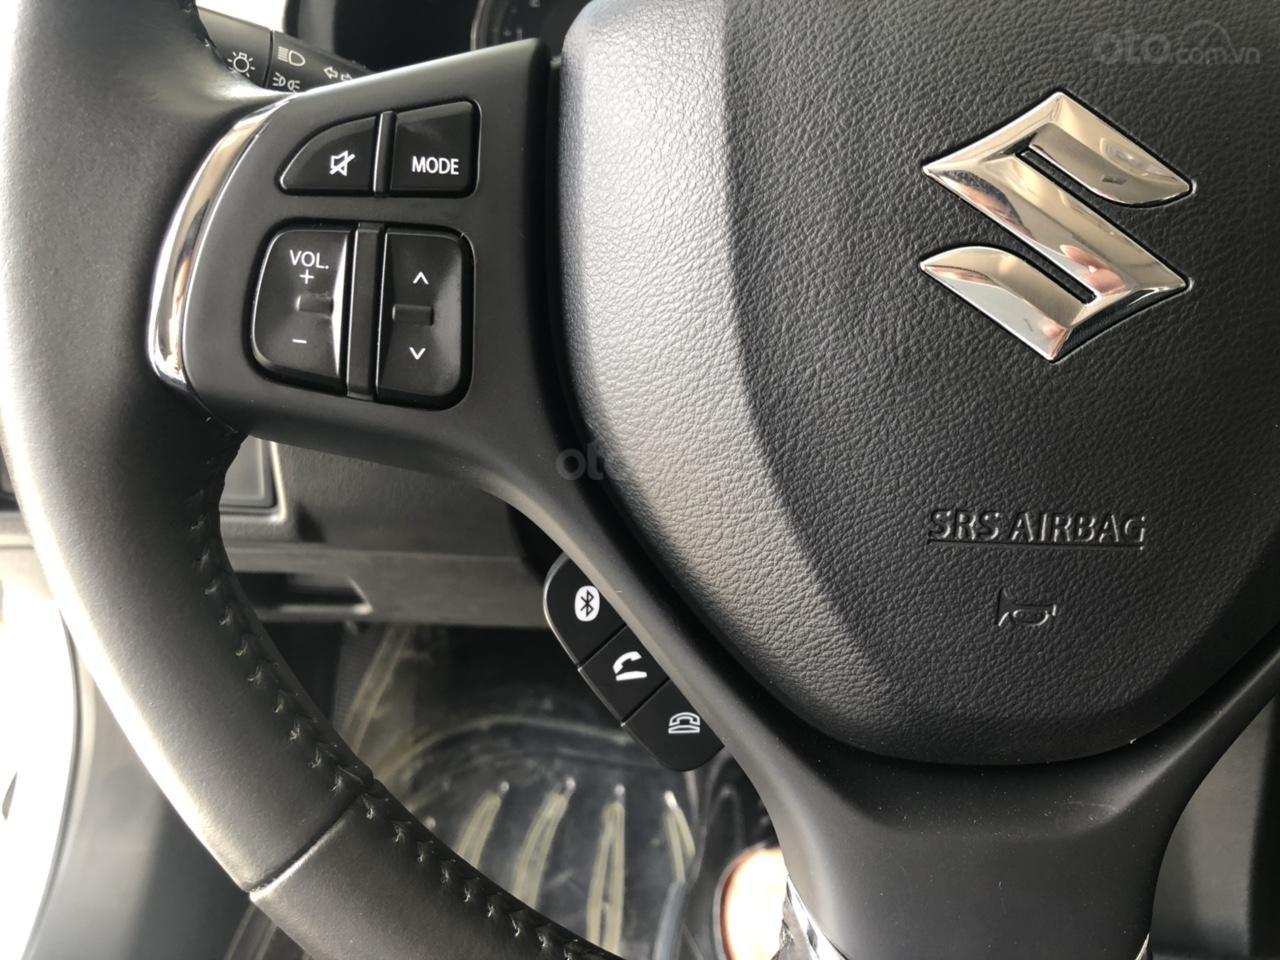 Còn một chiếc màu trắng Ngọc Trinh ai mua xe liên hệ Ngọc nhé - 0967389309, hỗ trợ ngân hàng cực tốt (3)